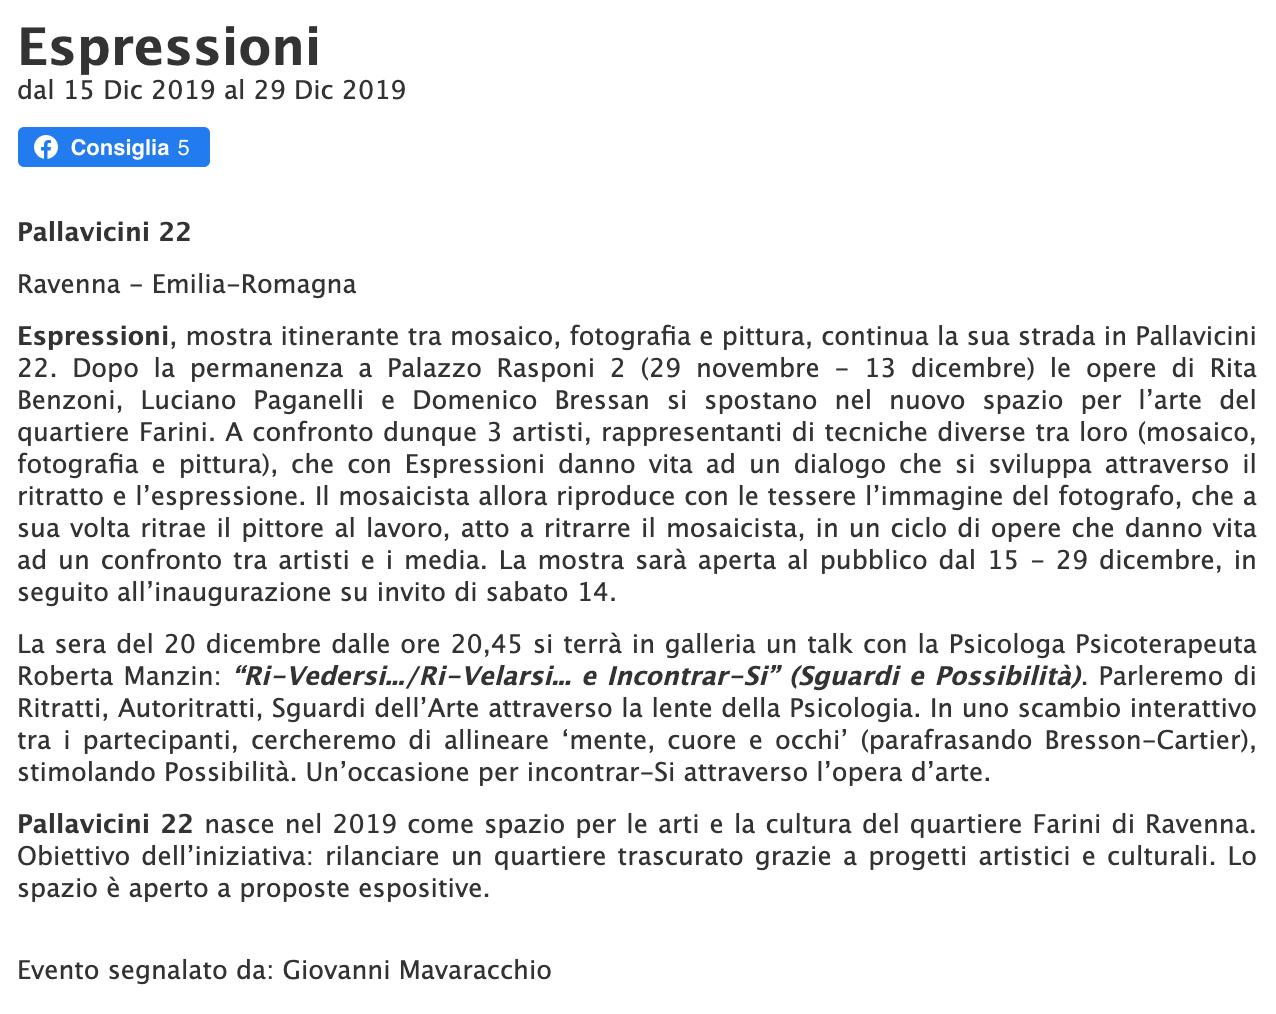 Espressioni su espressioneArte | Pallavicini22 spazio espositivo Ravenna